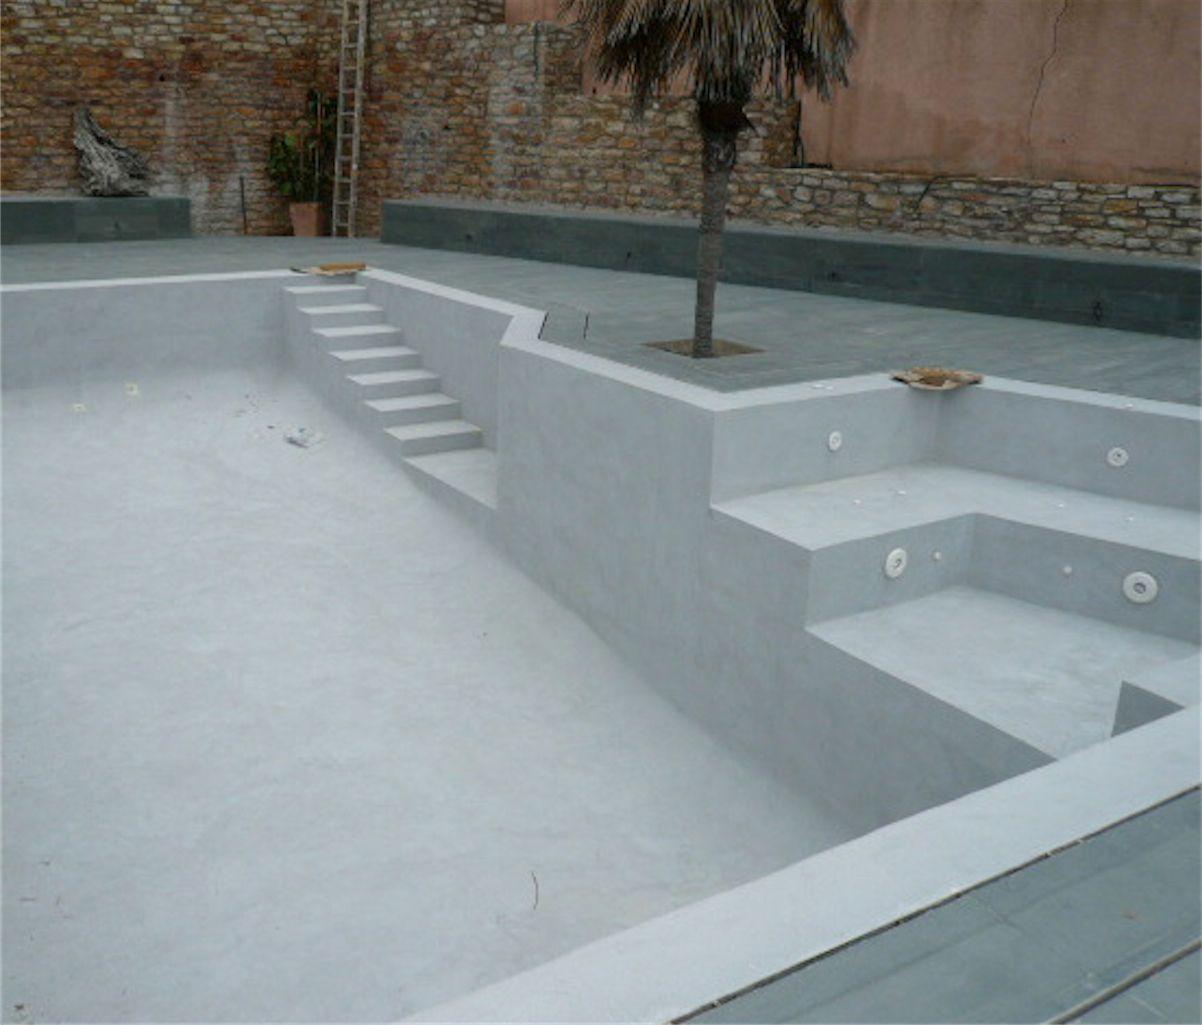 Rehabilitaciones en microcemento mas pinterest - Microcemento piscinas ...